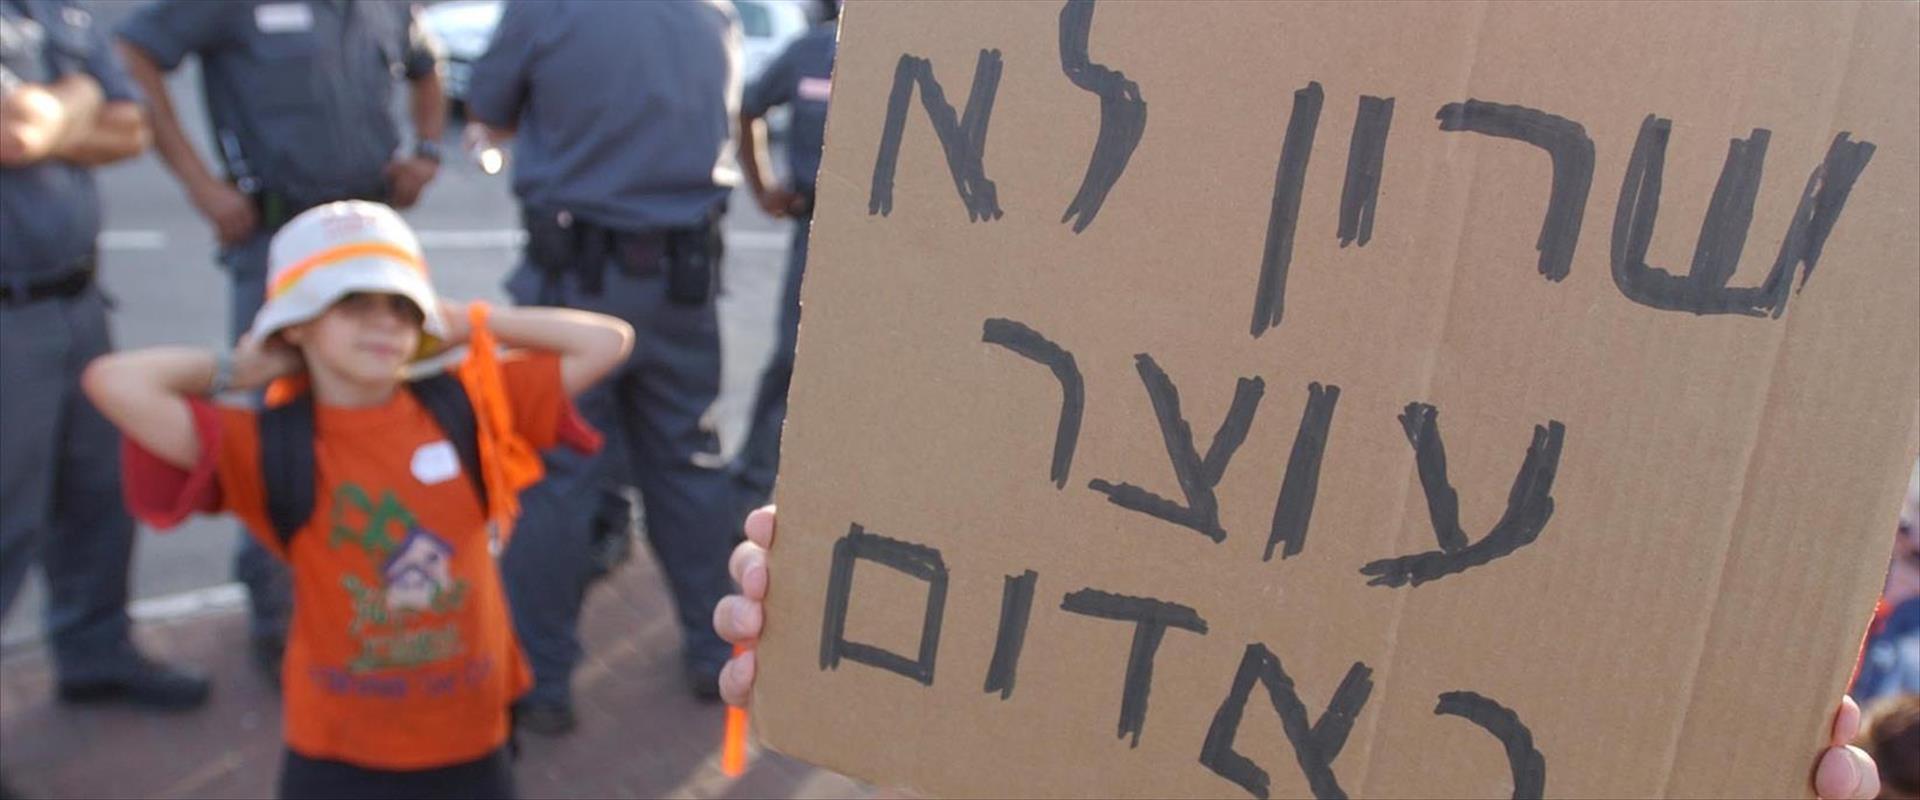 הפגנה נגד אריאל שרון לפני ההתנתקות